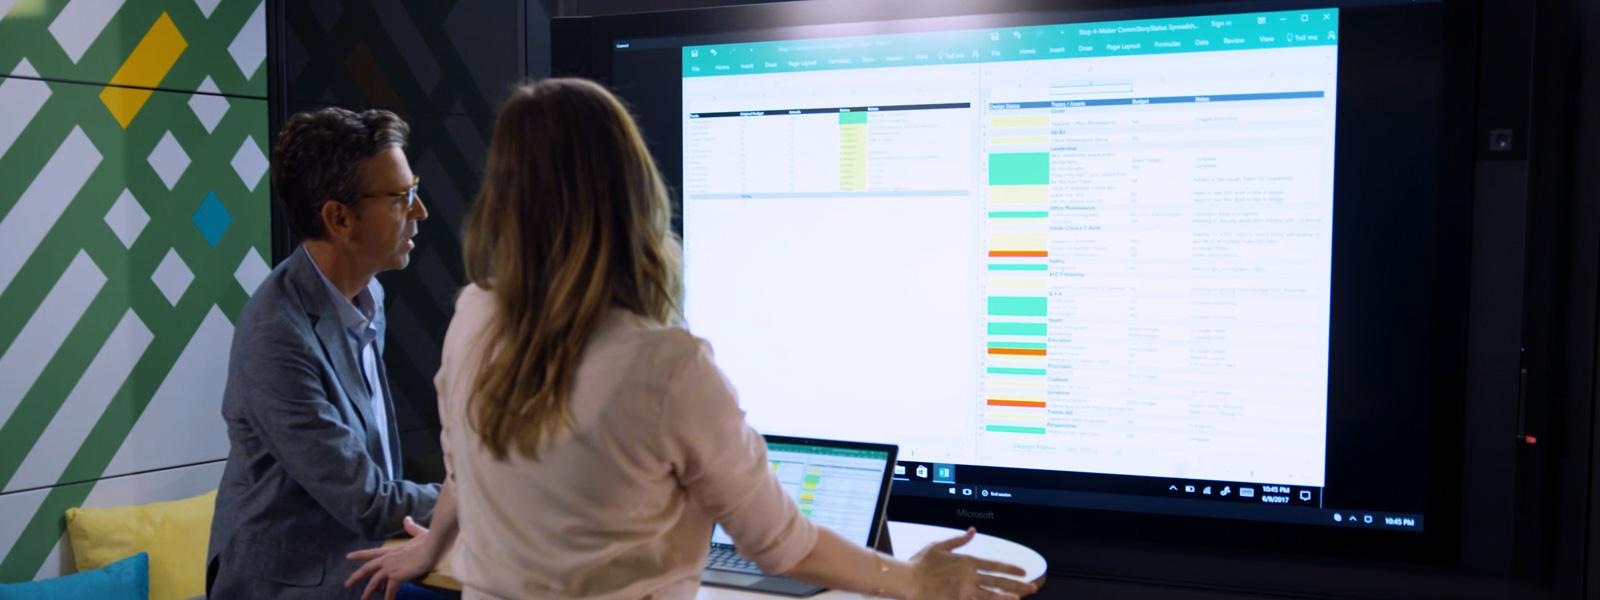 Een van de 5 Steelcase-ruimtes die zijn ontworpen om goed te werken met Surface-apparaten, waar een vrouw en een man een Surface Hub gebruiken.